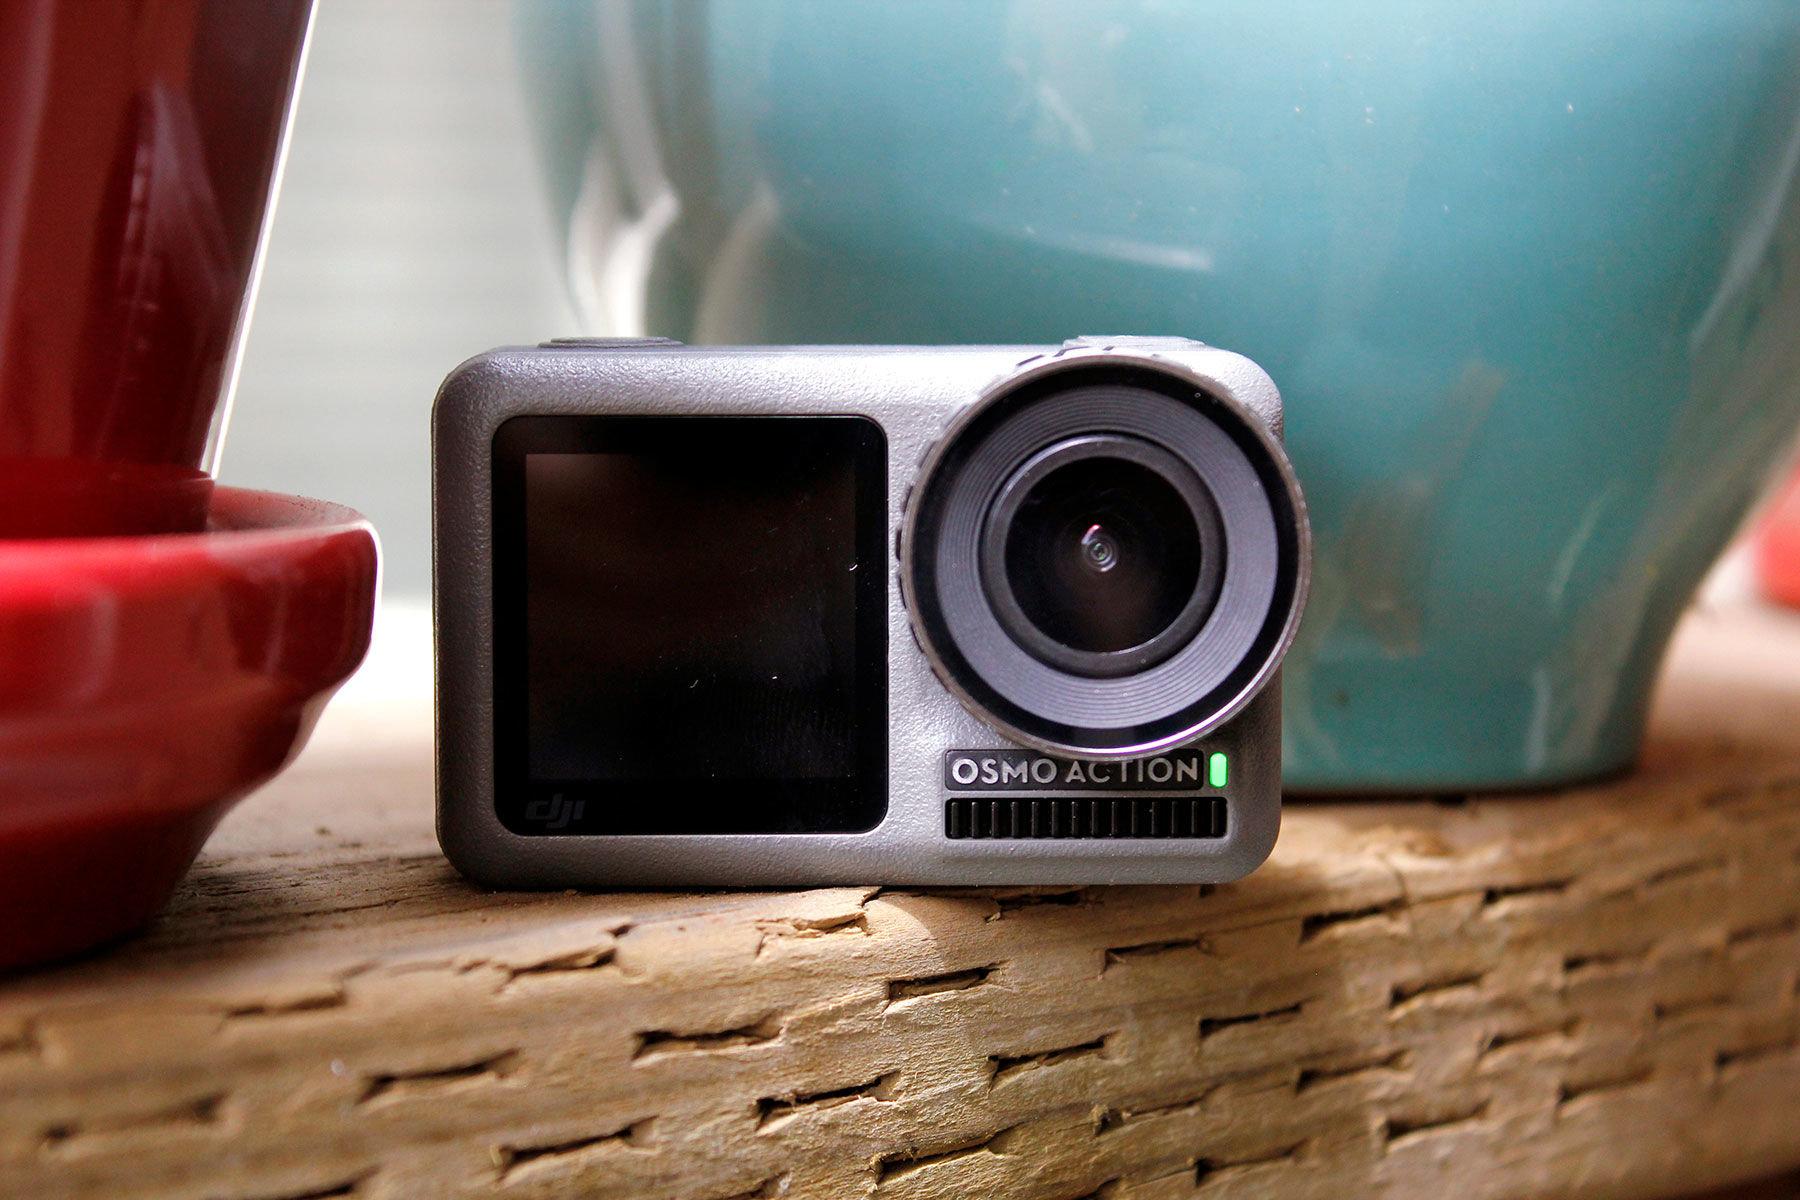 Con DJI Osmo Action, è stata lanciata la sfida a GoPro nel mondo delle action cam 1